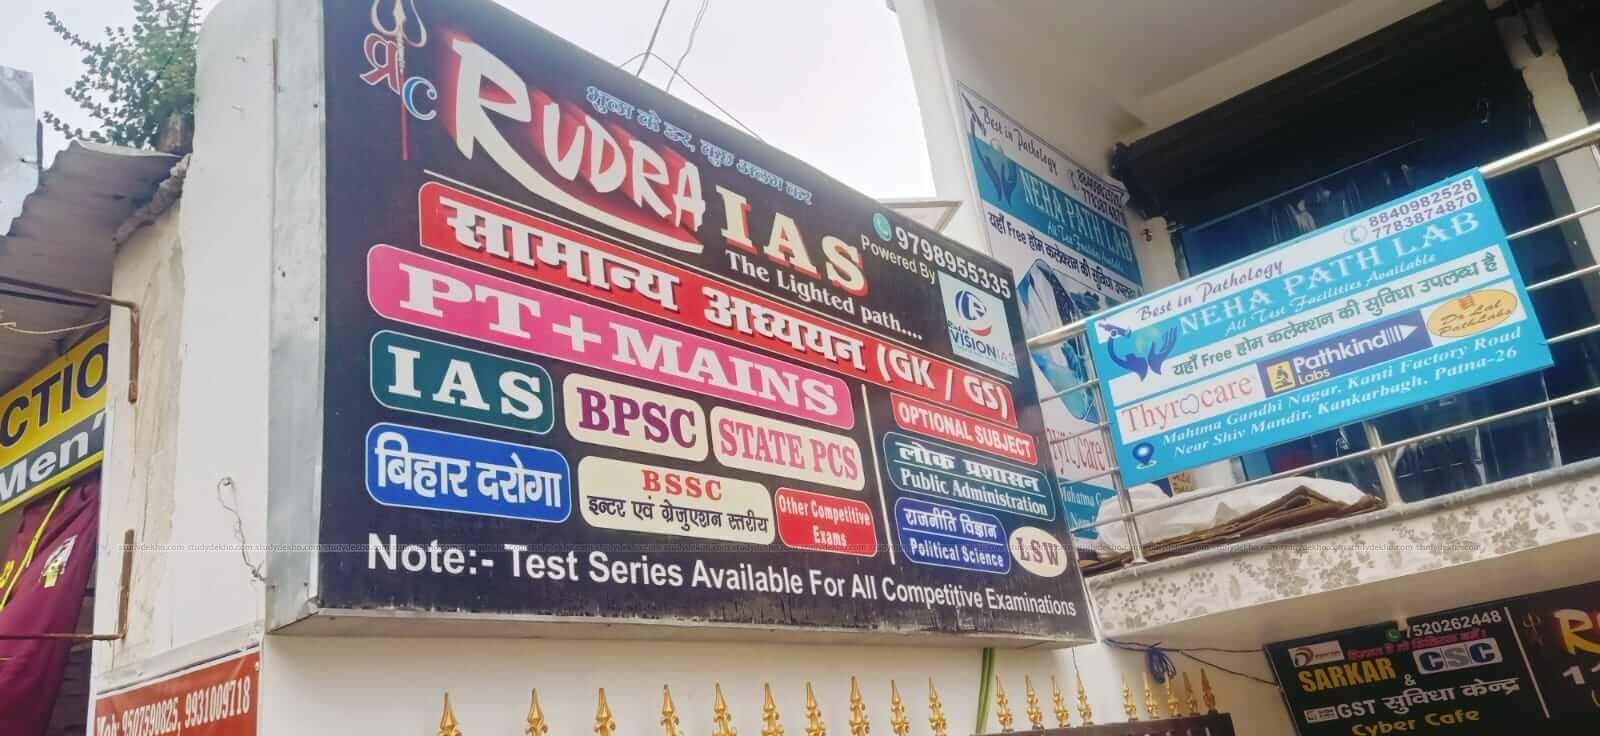 Rudra IAS Gallery